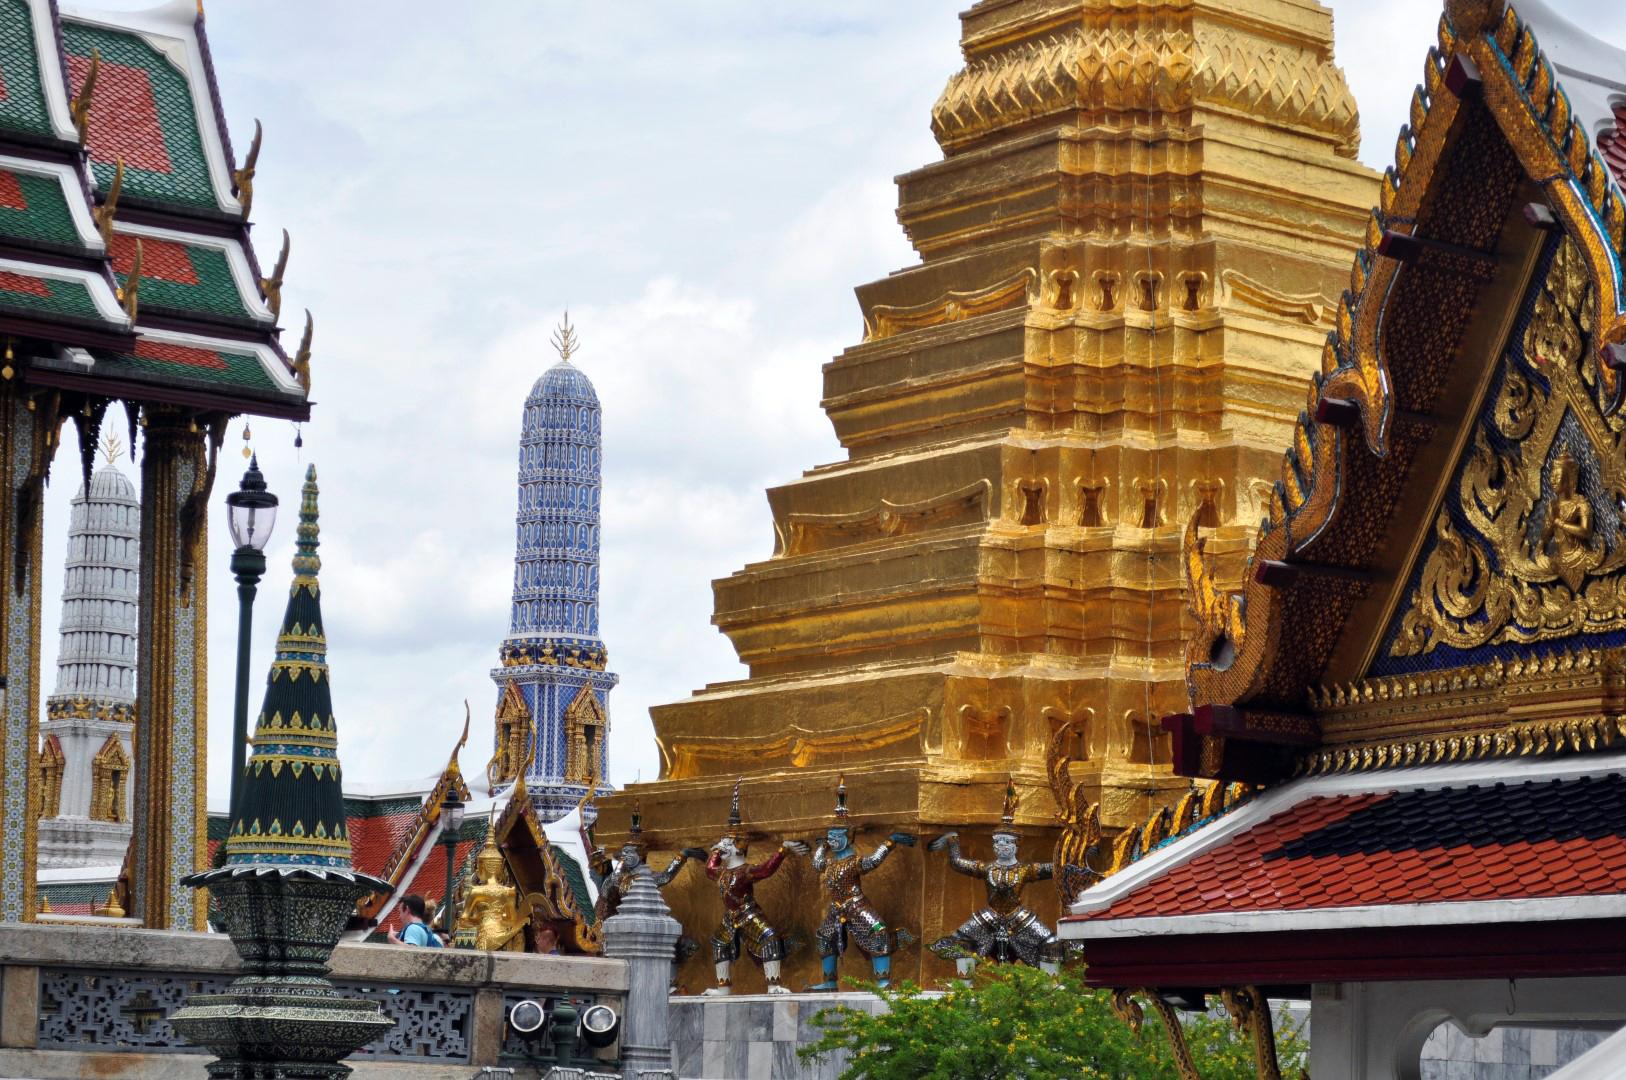 Qué hacer en Bangkok, qué ver en Bangkok, Tailandia qué hacer en bangkok - 38768958350 547d2d038b o - Qué hacer en Bangkok para descubrir su estilo de vida